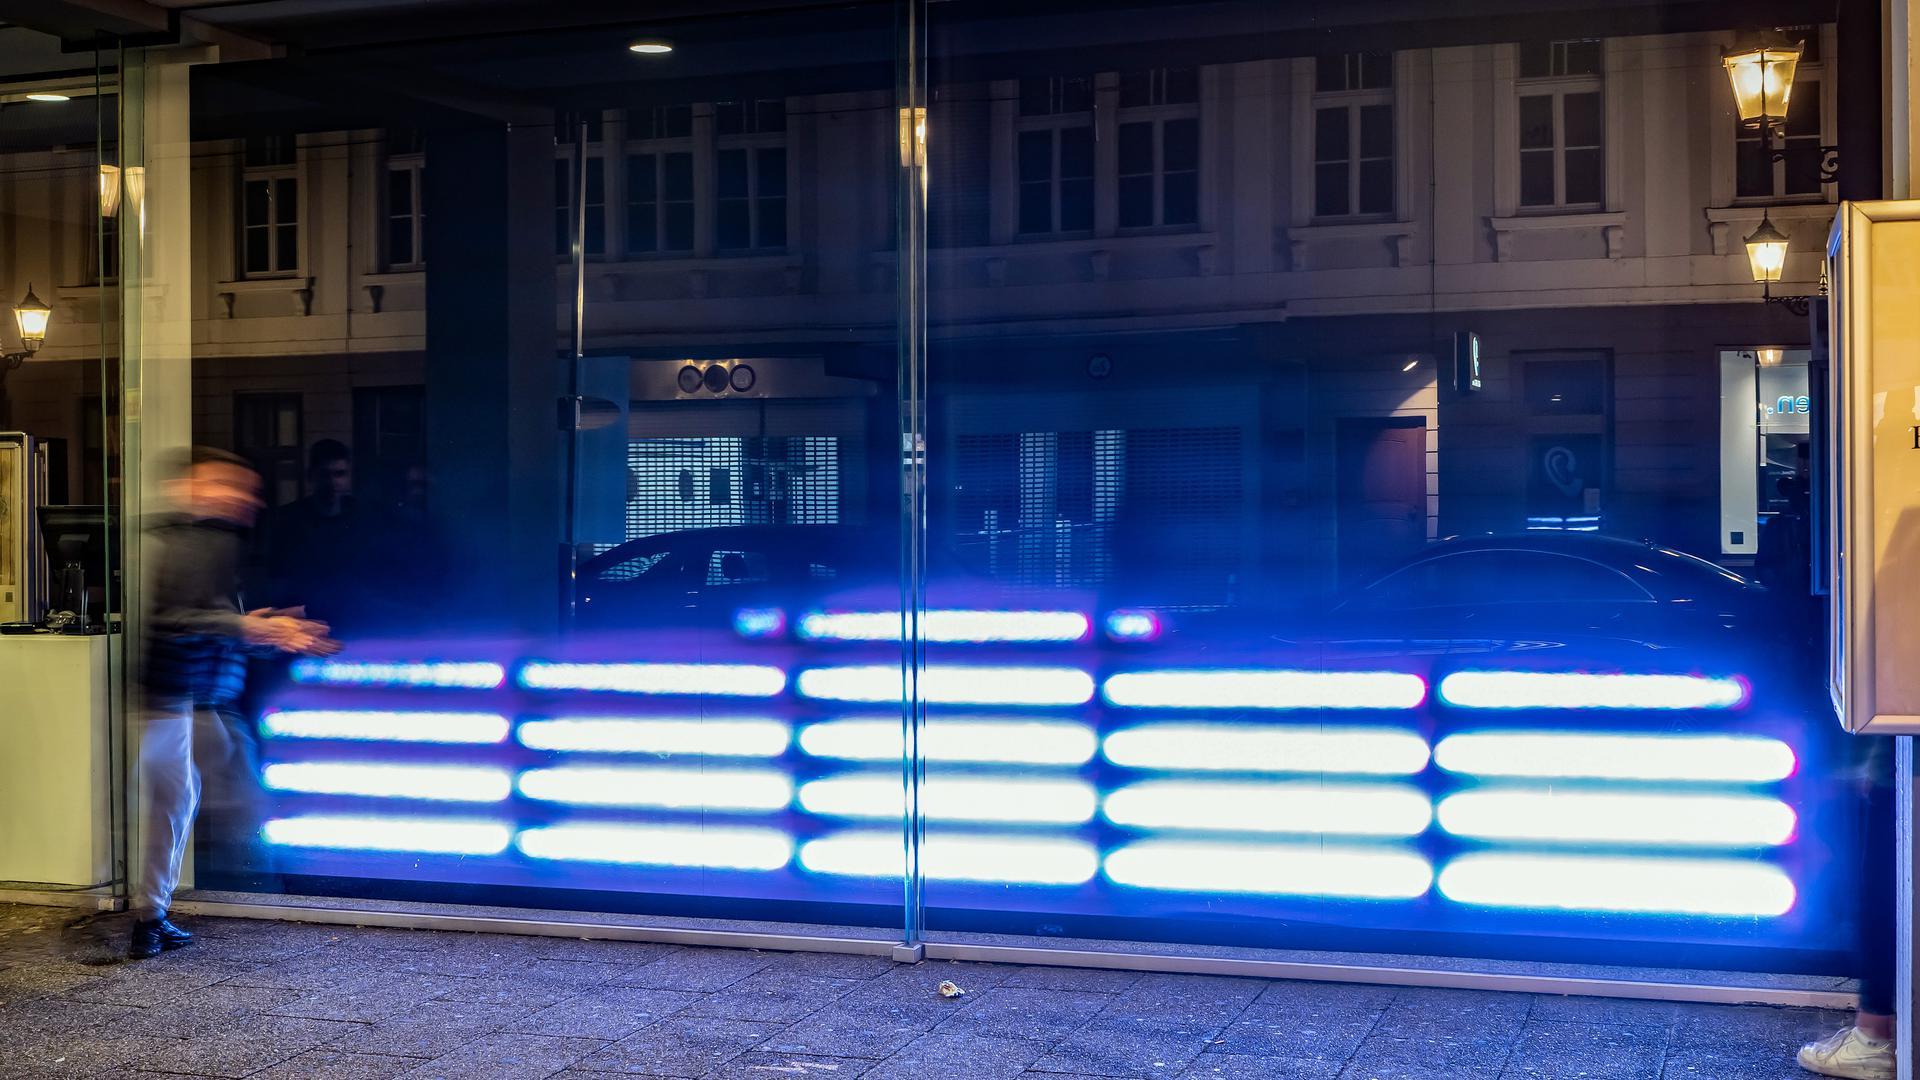 """Es leuchten die Geräusche dank Peter Weibels Installation """"Klangkanal"""". Das Medienkunstwerk ist während des Festivals """"Seasons of Media Arts"""" im Regierungspräsidium am Rondellplatz in Karlsruhe aufgebaut."""